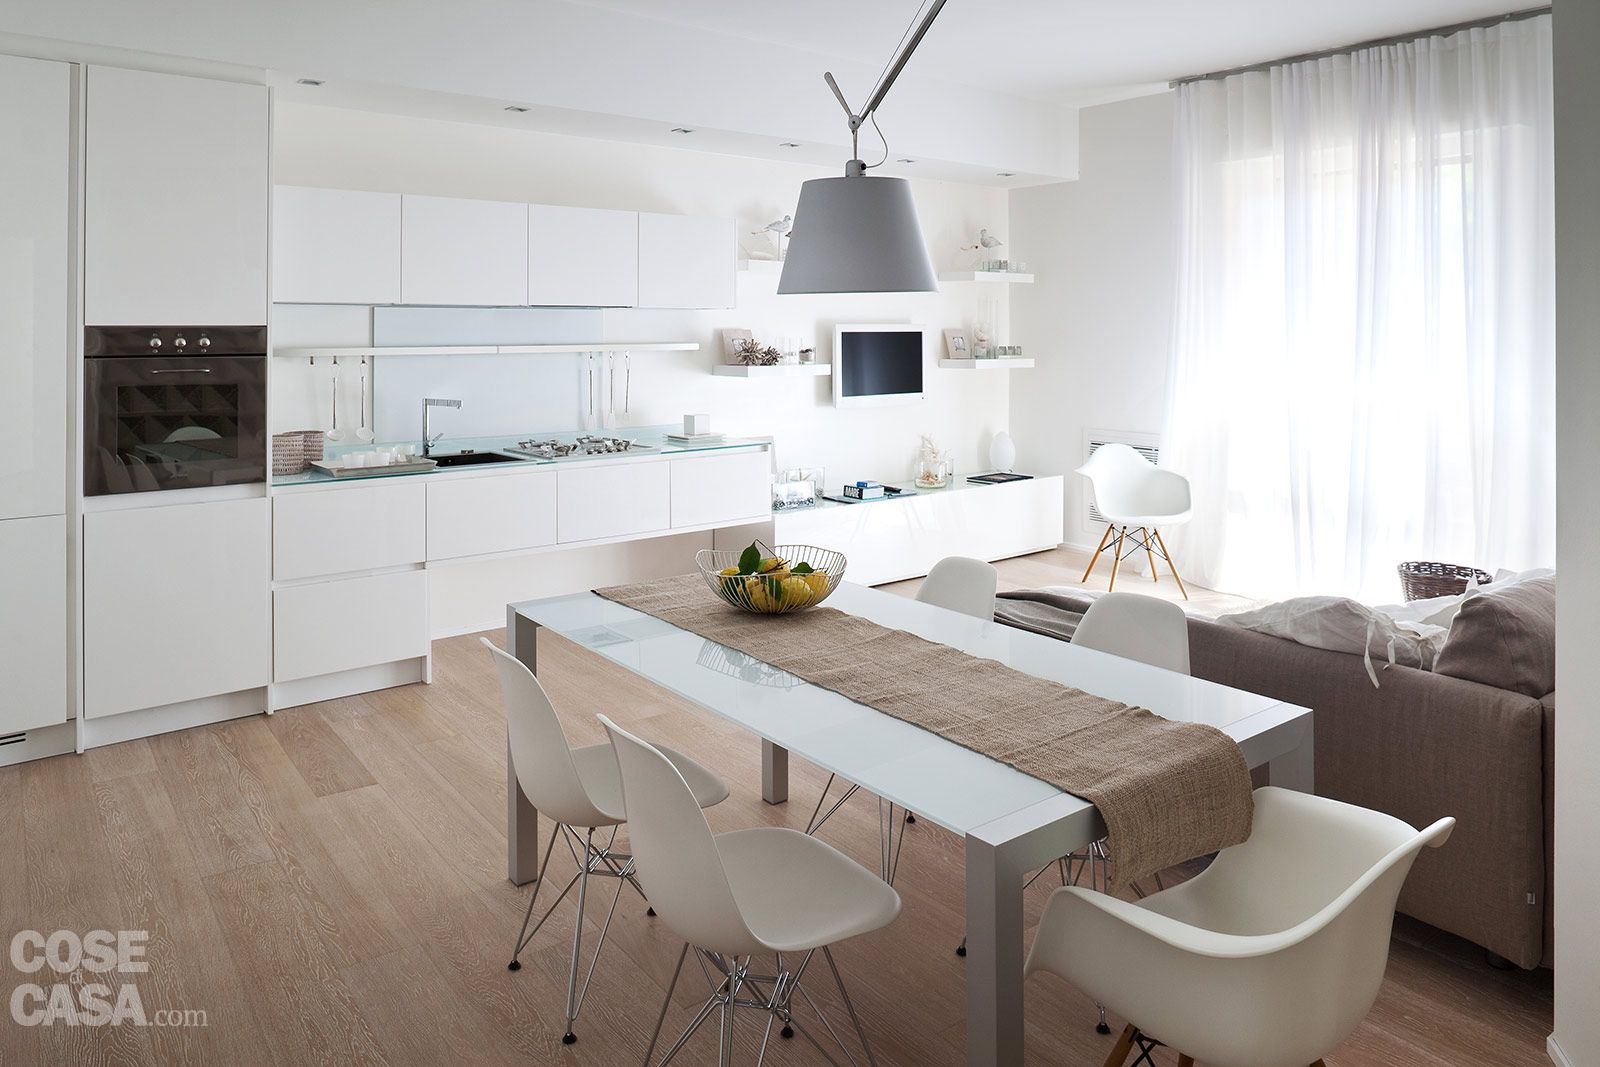 75 mq: 10 idee per far sembrare più grande la casa | Colori ...